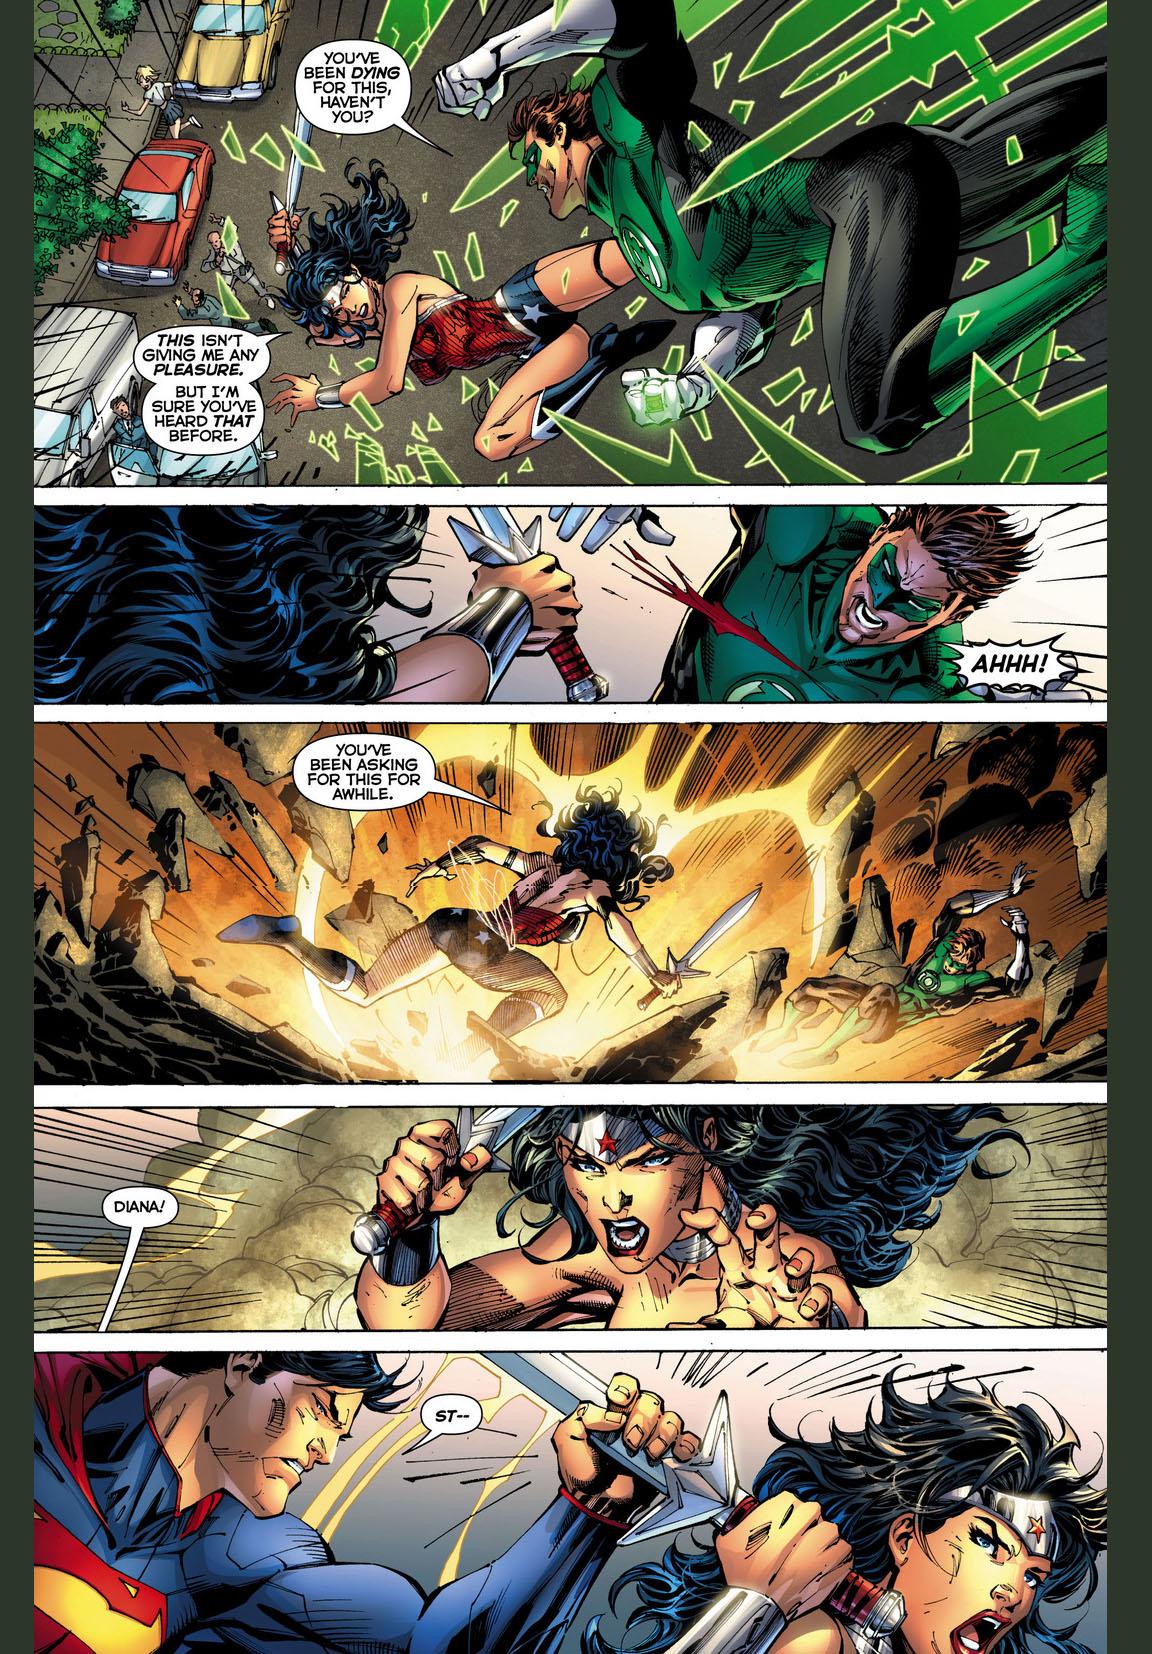 wonder woman vs green lantern 4